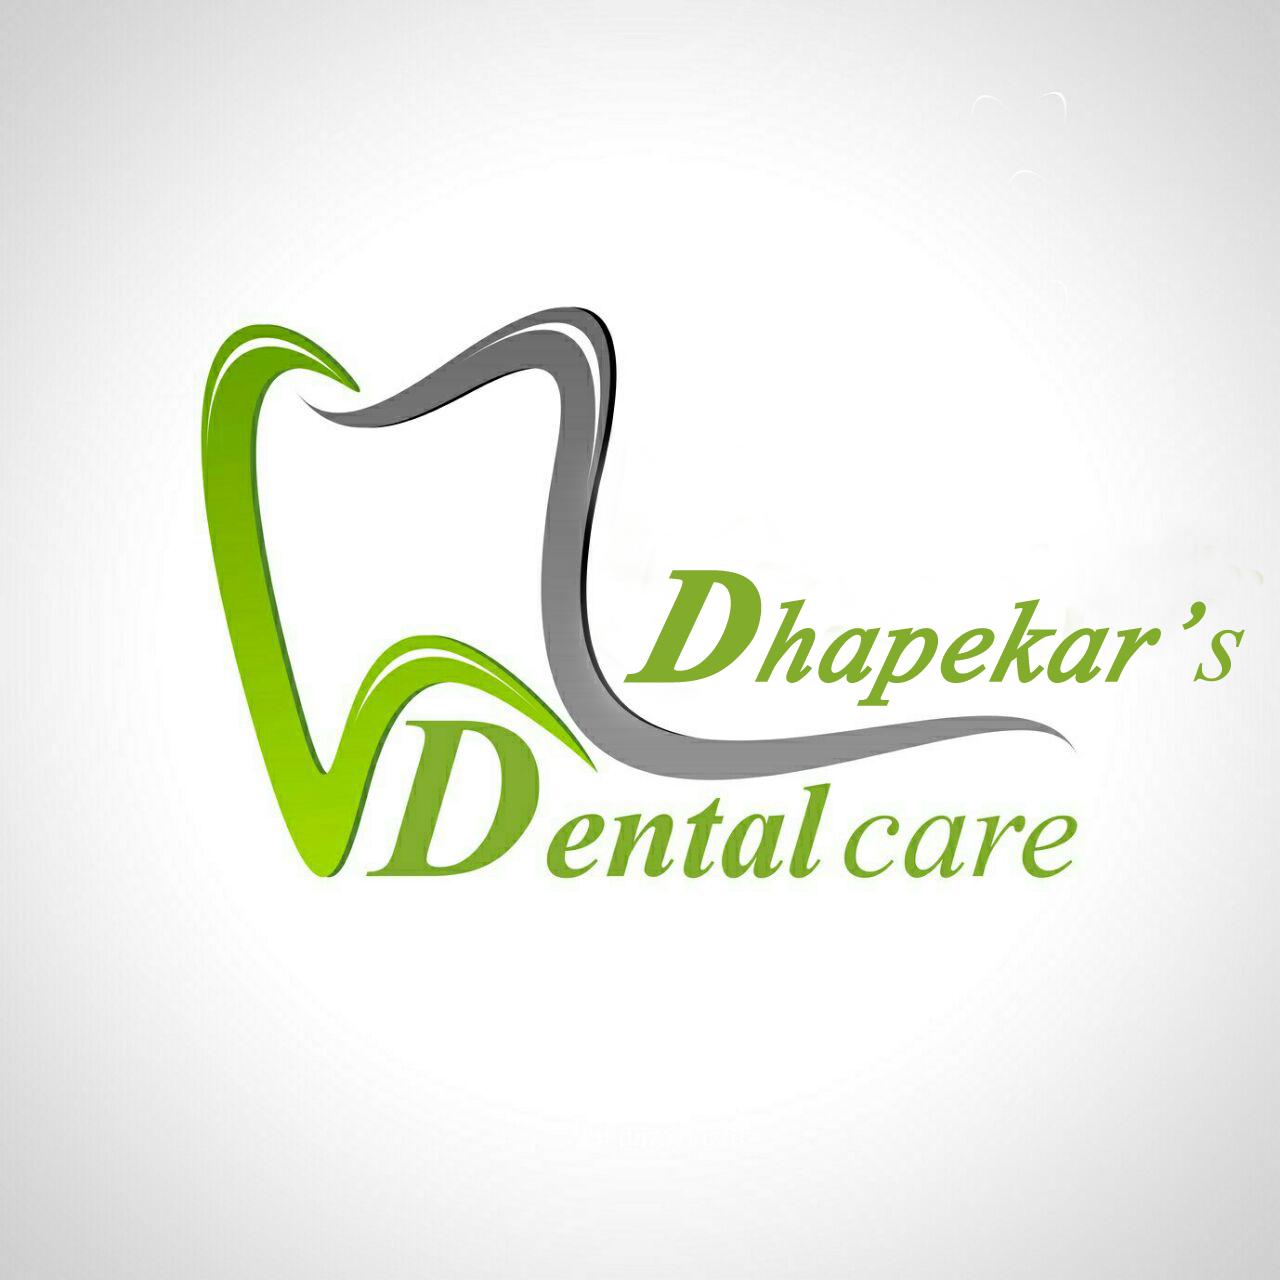 Dhapekar's Dental Care & Implant Center, Pune